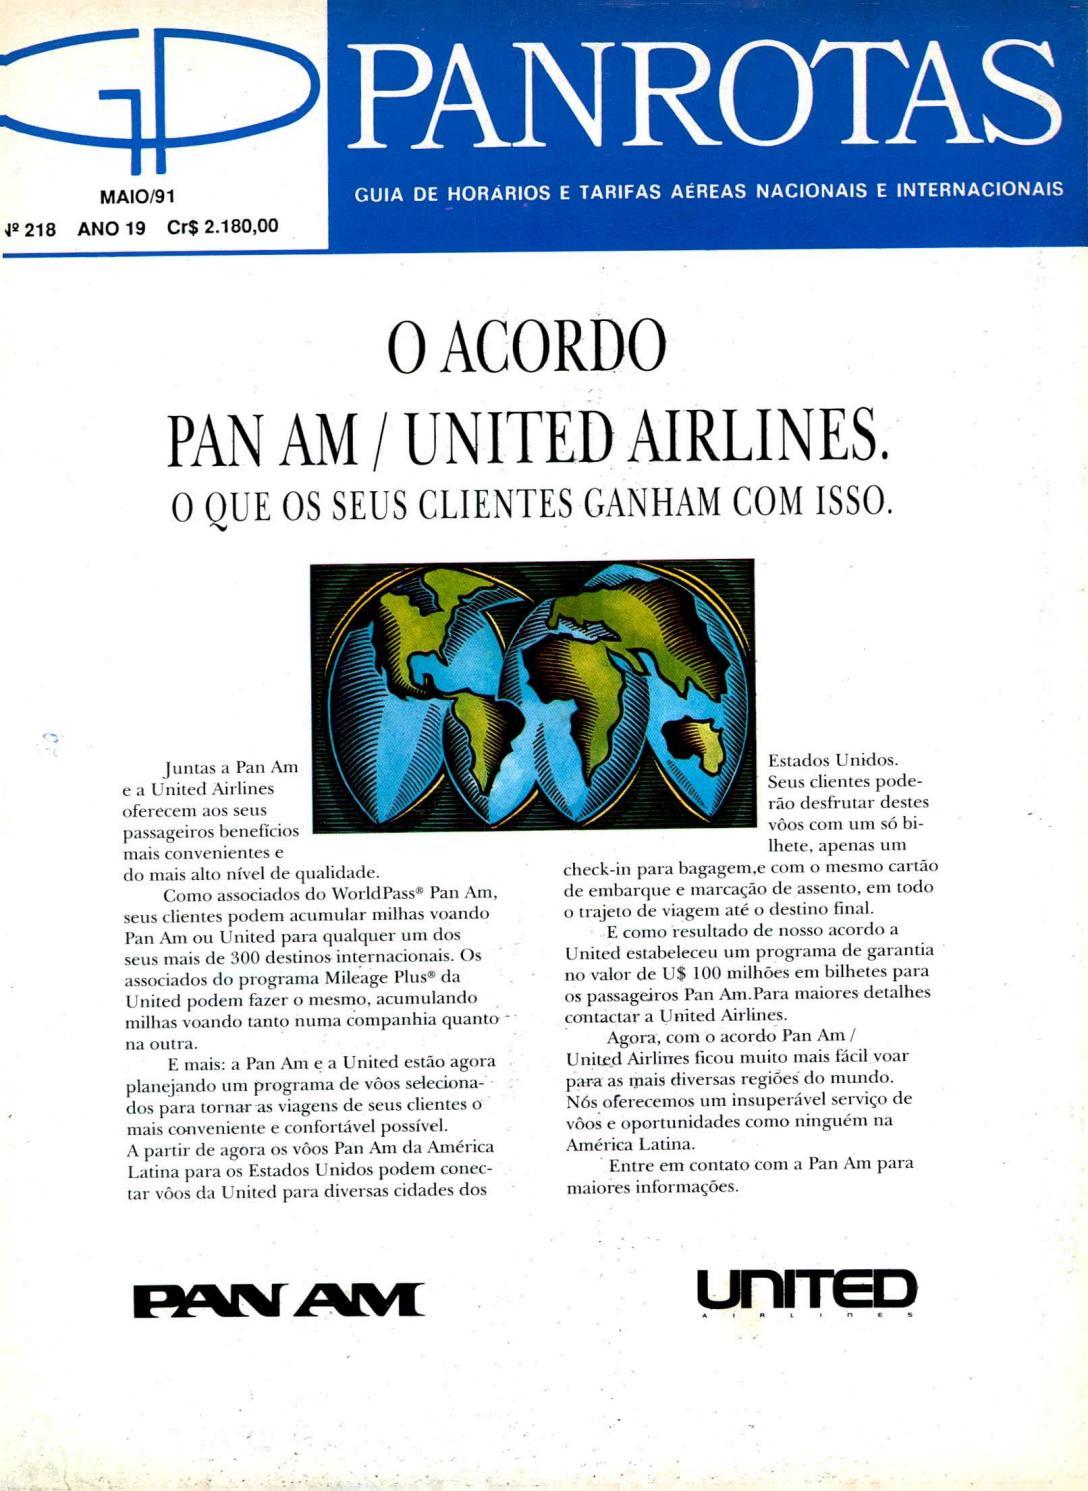 d727e11c5717a Guia PANROTAS - Edição 218 - Maio 1991 by PANROTAS Editora - issuu